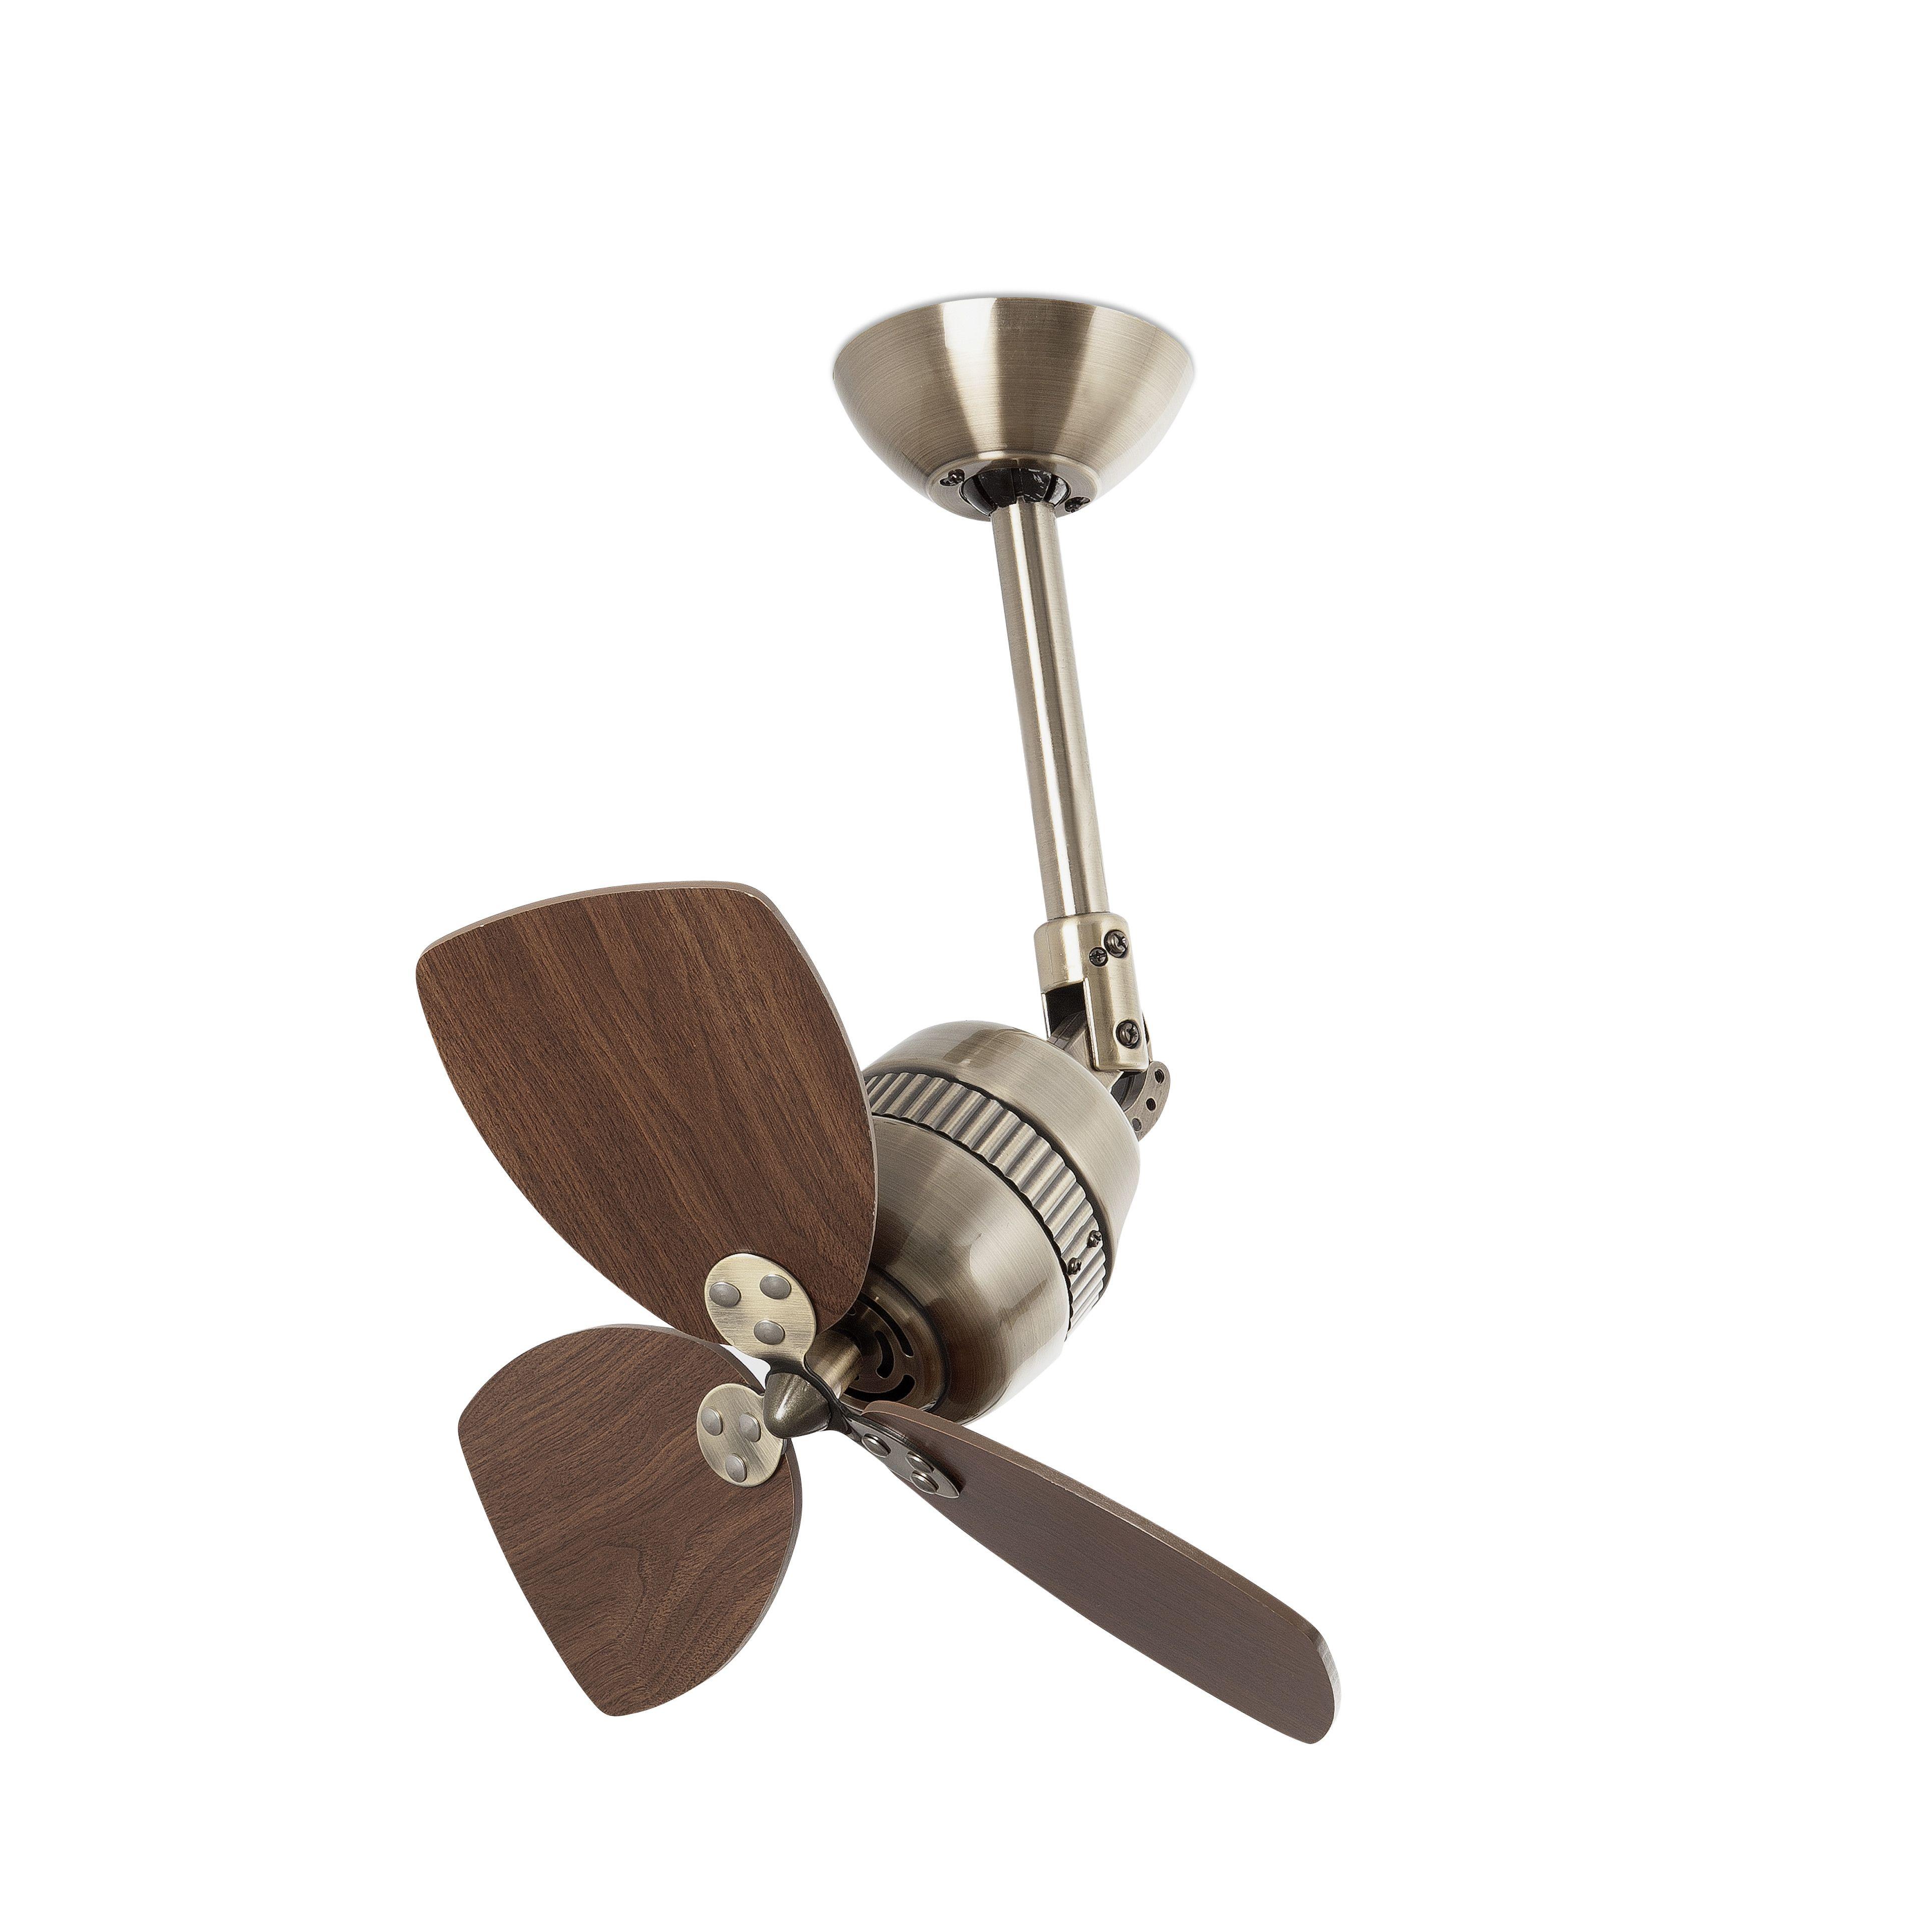 46cm Areli 3 Blade Ceiling Fan Ceiling Fan 3 Blade Ceiling Fan Ceiling